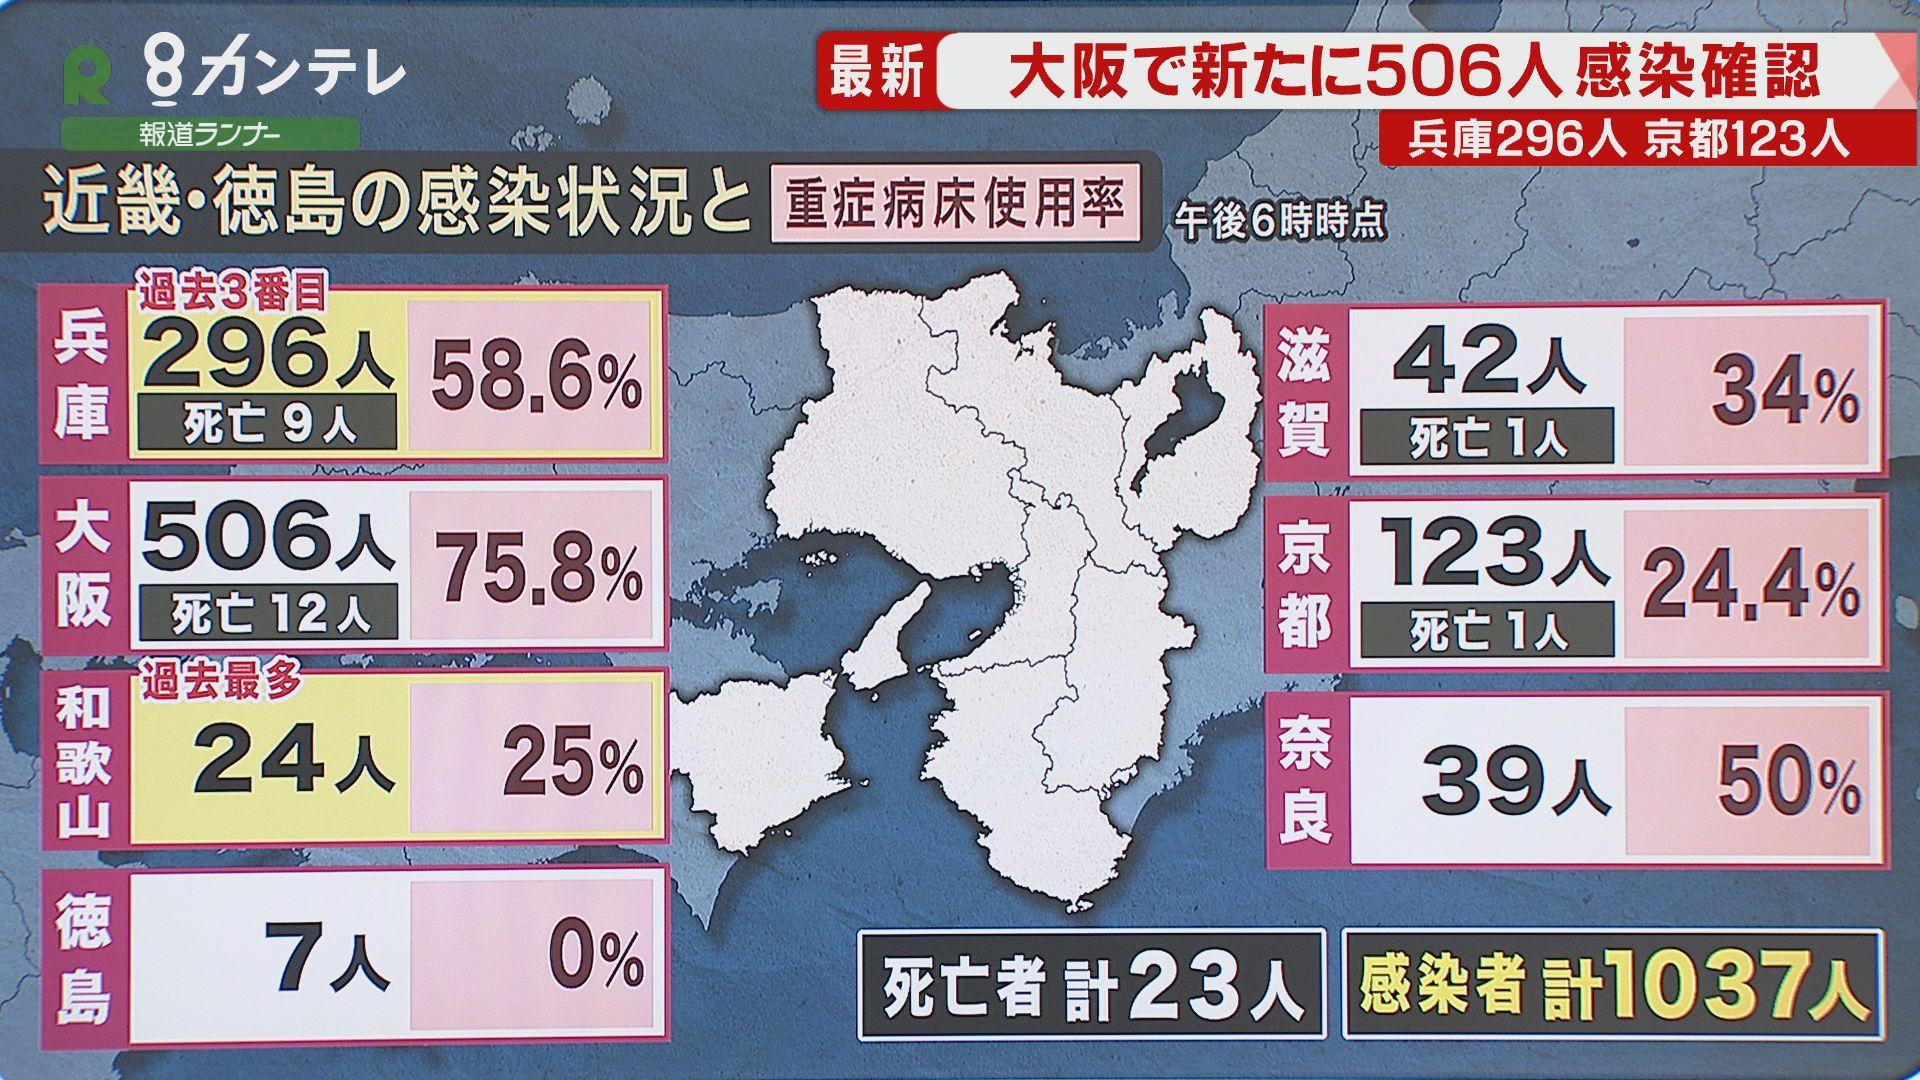 大阪で506人、兵庫では過去3番目に多い296人の感染を確認 新型コロナ